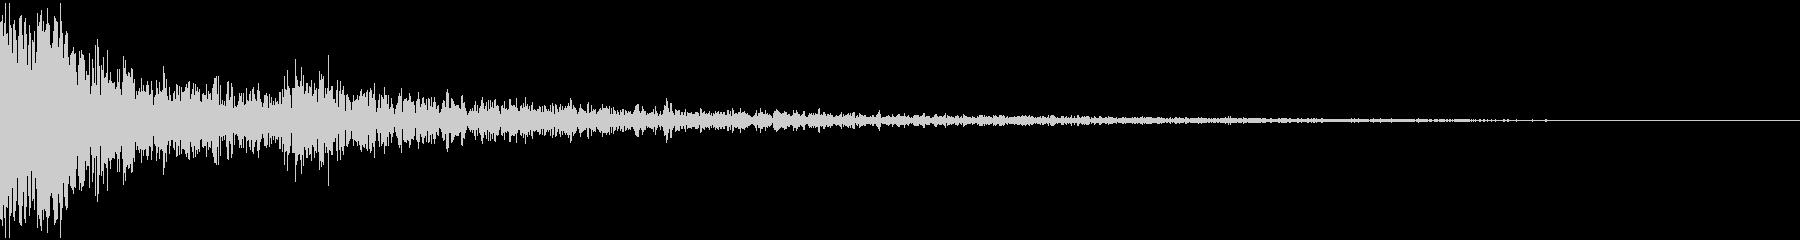 バコン(決定_04)の未再生の波形